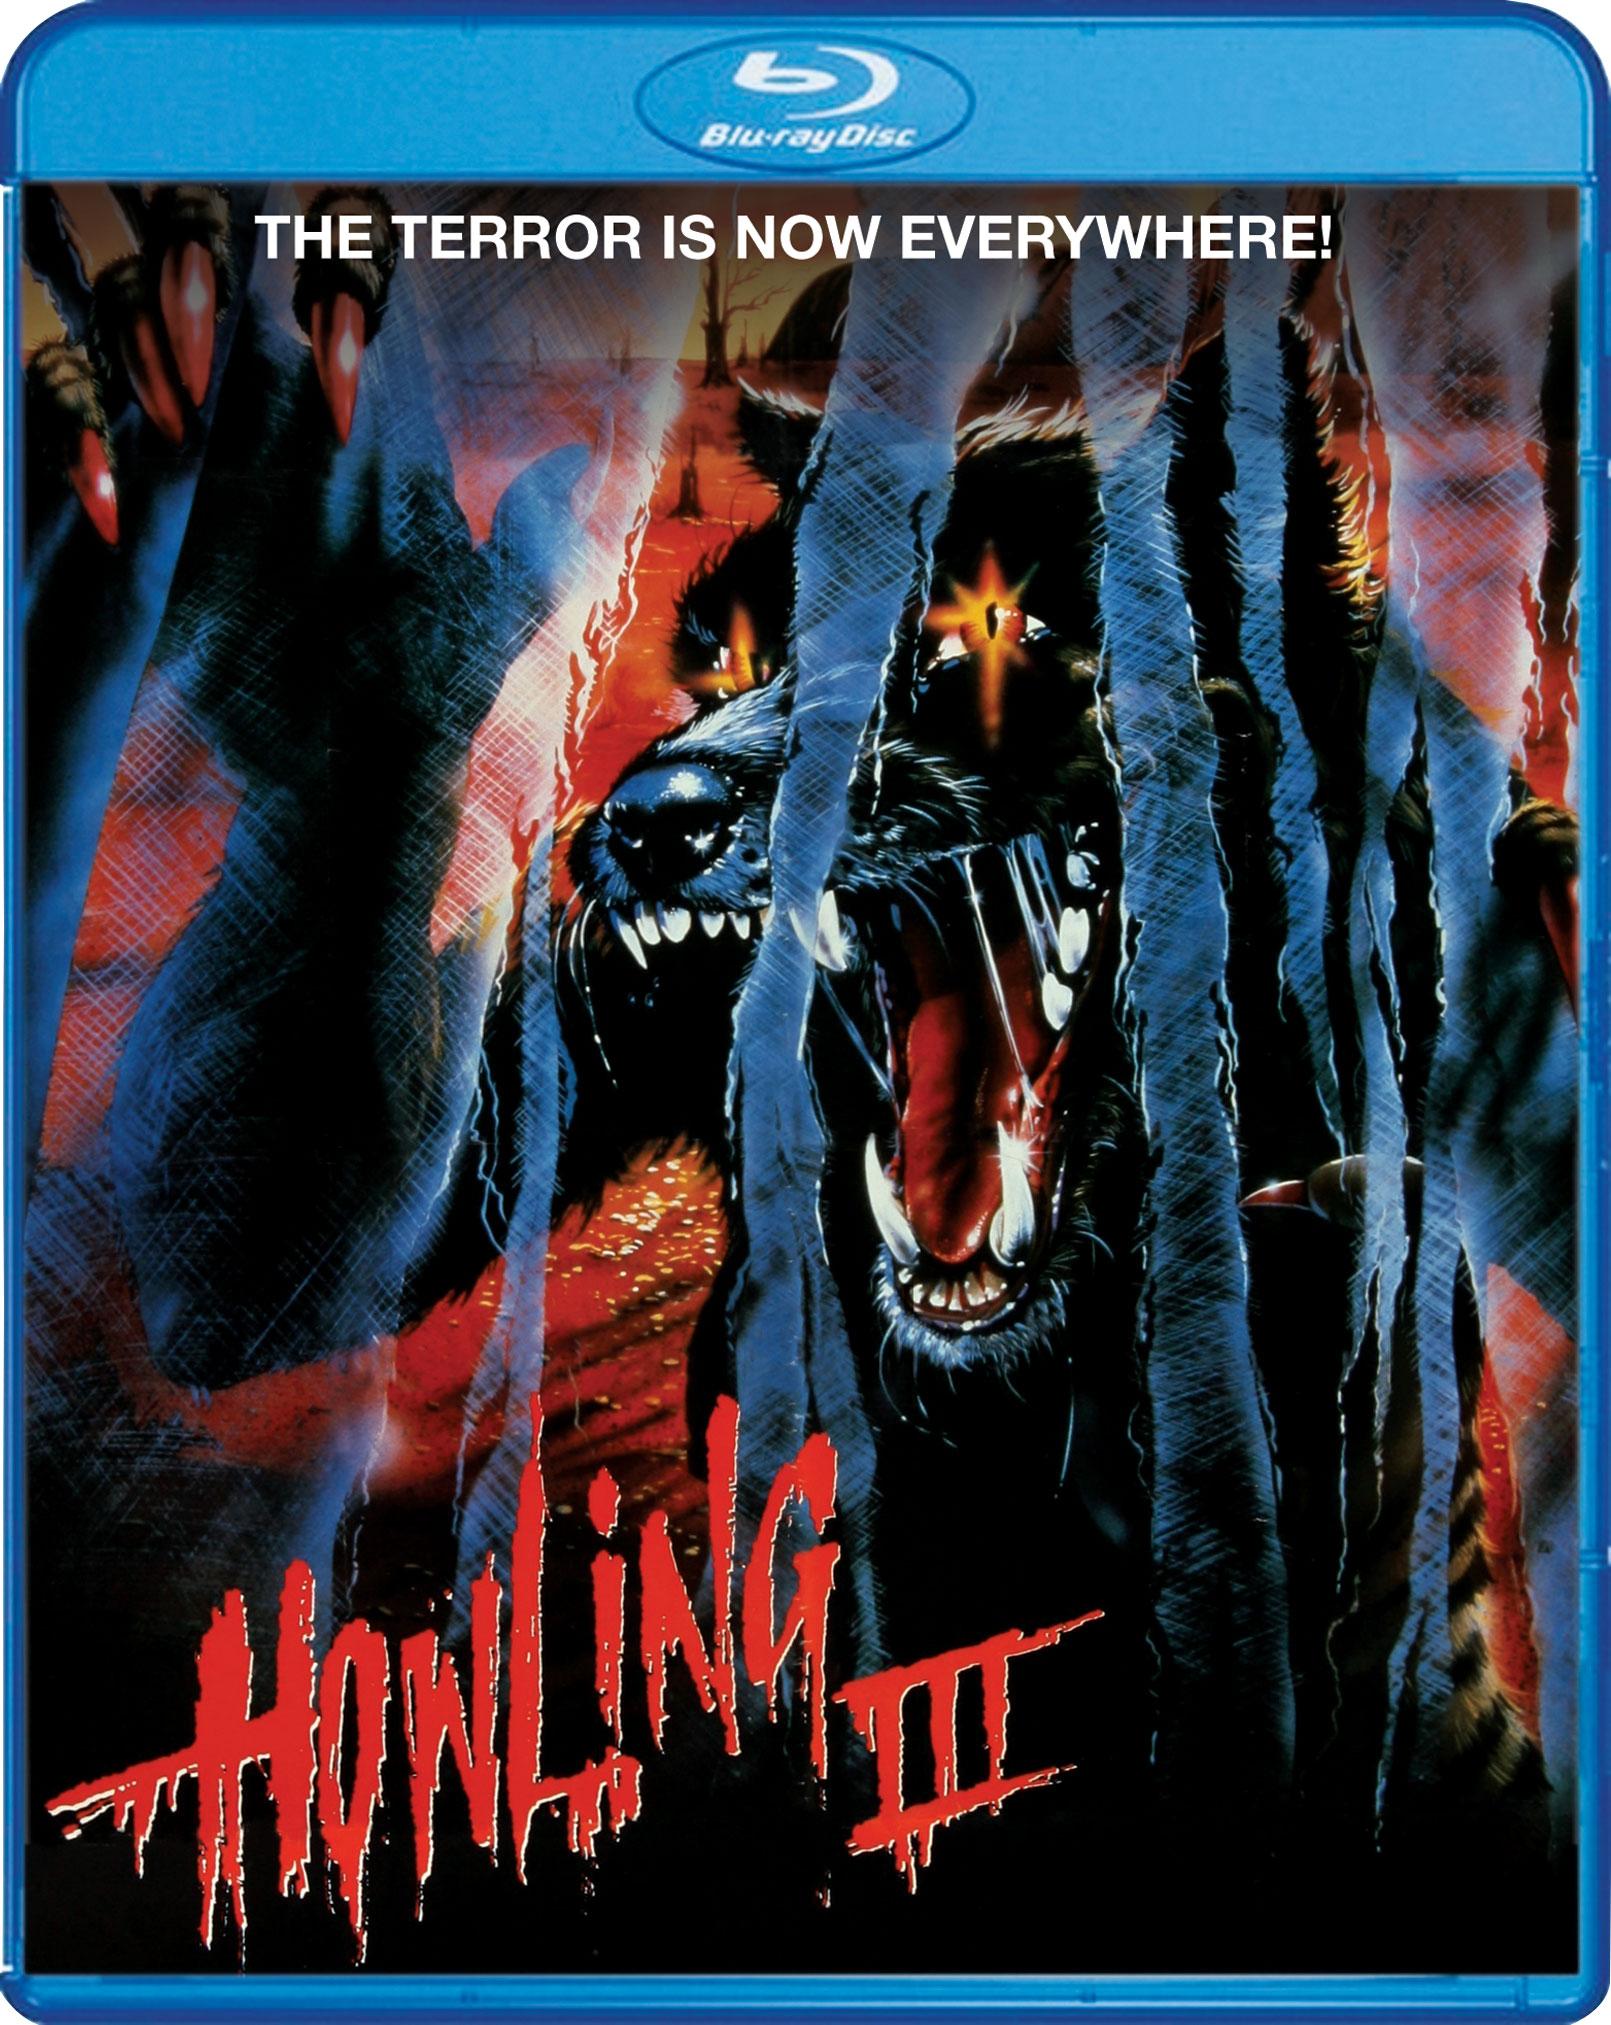 Howling III Blu-ray Cover Art